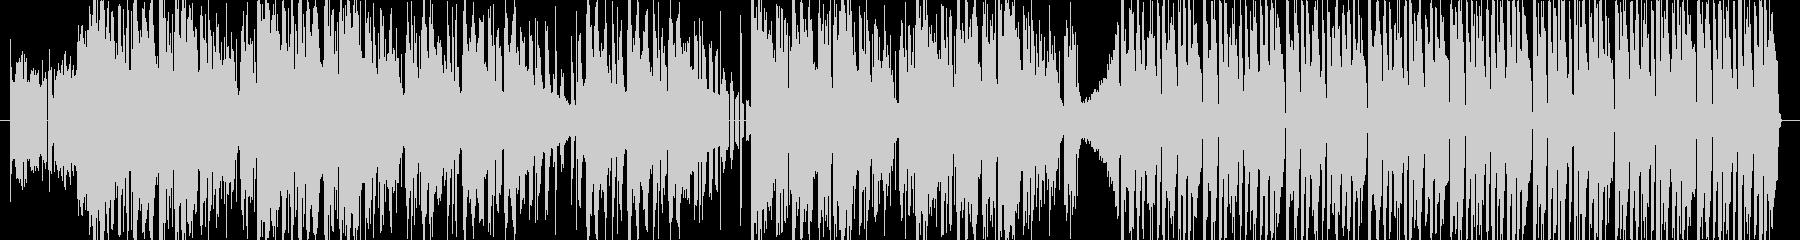 スマートで先進的な電子音インストの未再生の波形